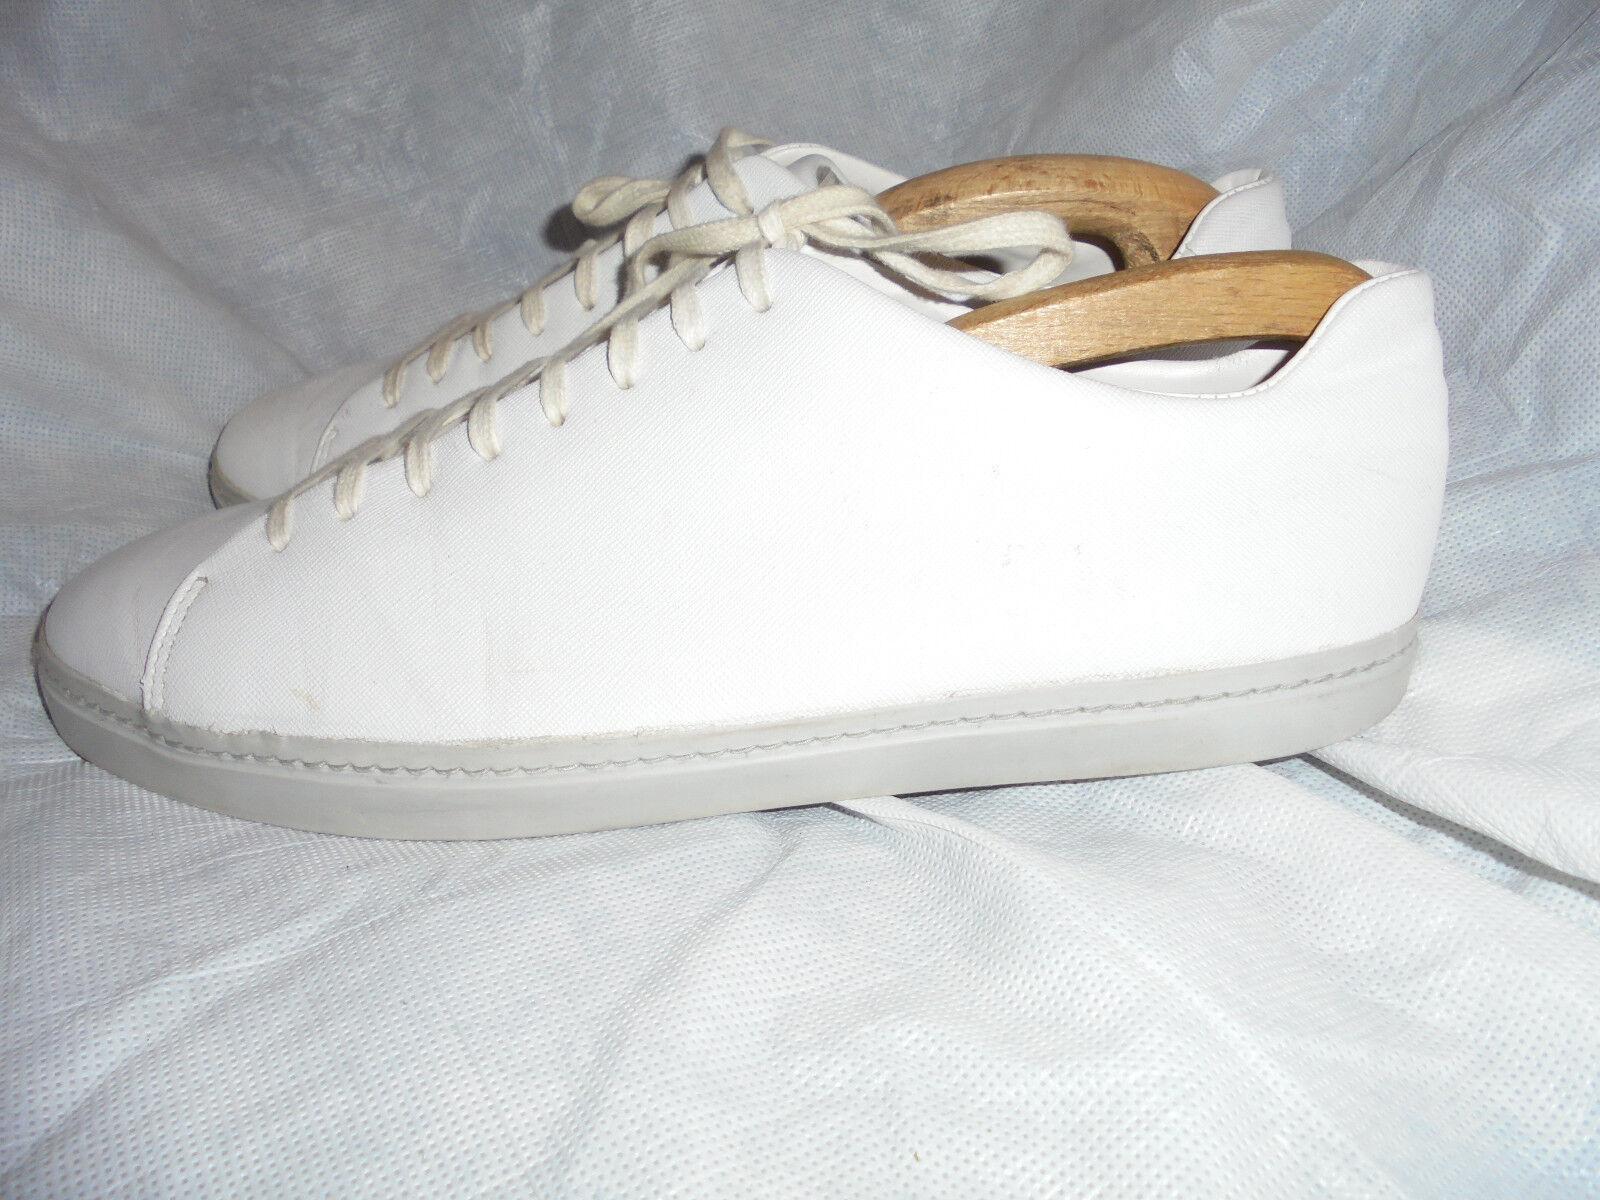 ZARA MAN Uomo Bianco Pelle Stringati scarpe da ginnastica taglia EU 44 in buonissima condizione